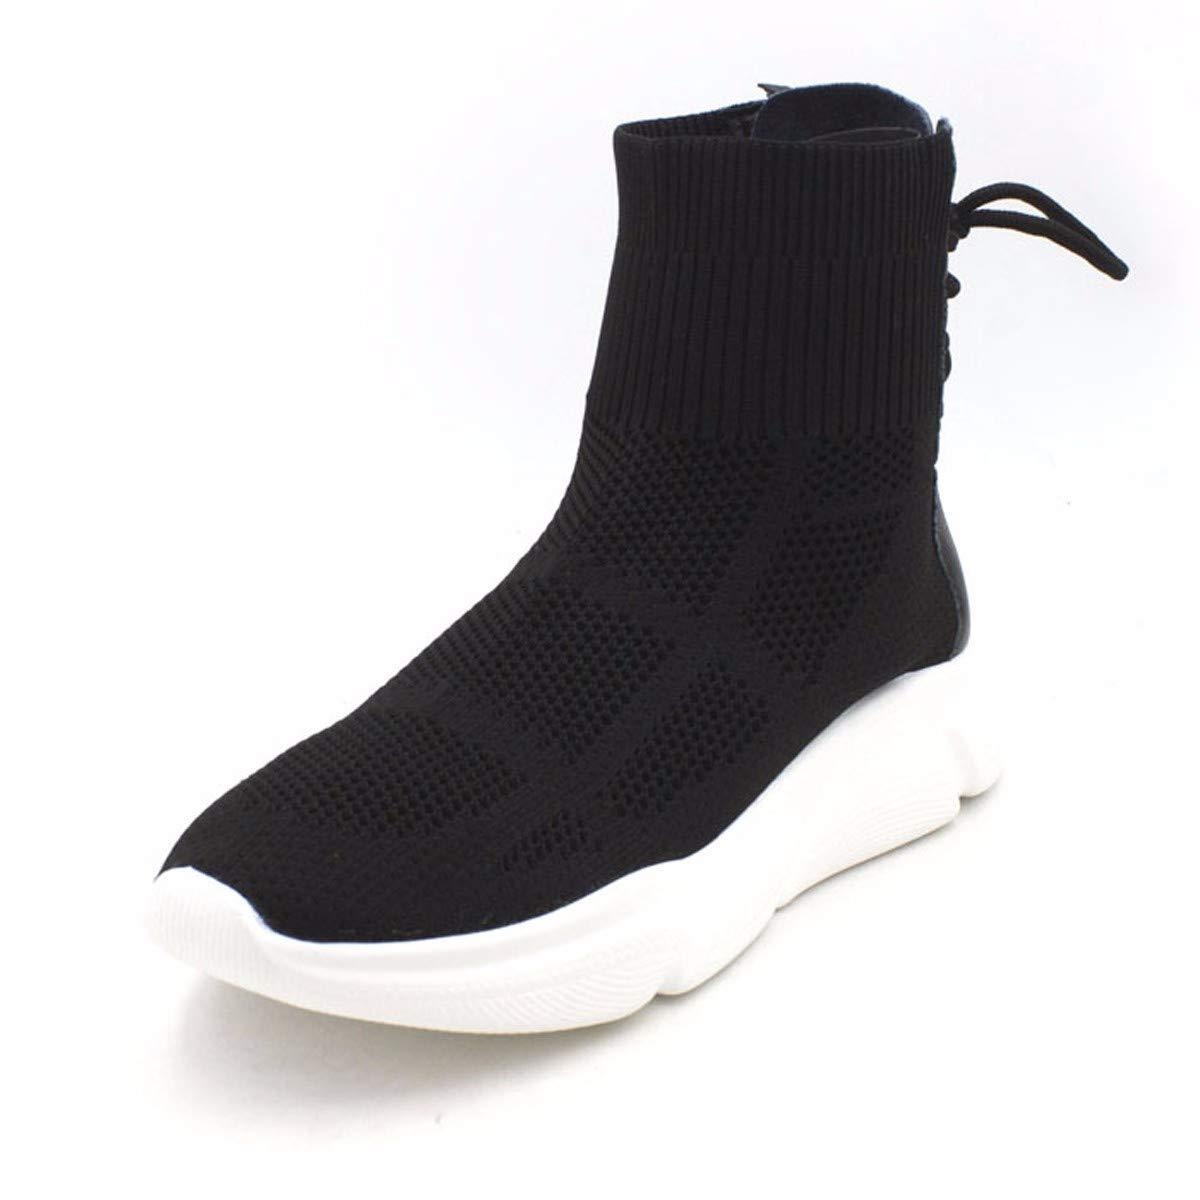 HBDLH Damenschuhe Student Schuhe Heel 3Cm Flachen Boden Fliegende Stricken Casual Schuhen Hohe Stiefel Martin Stiefel